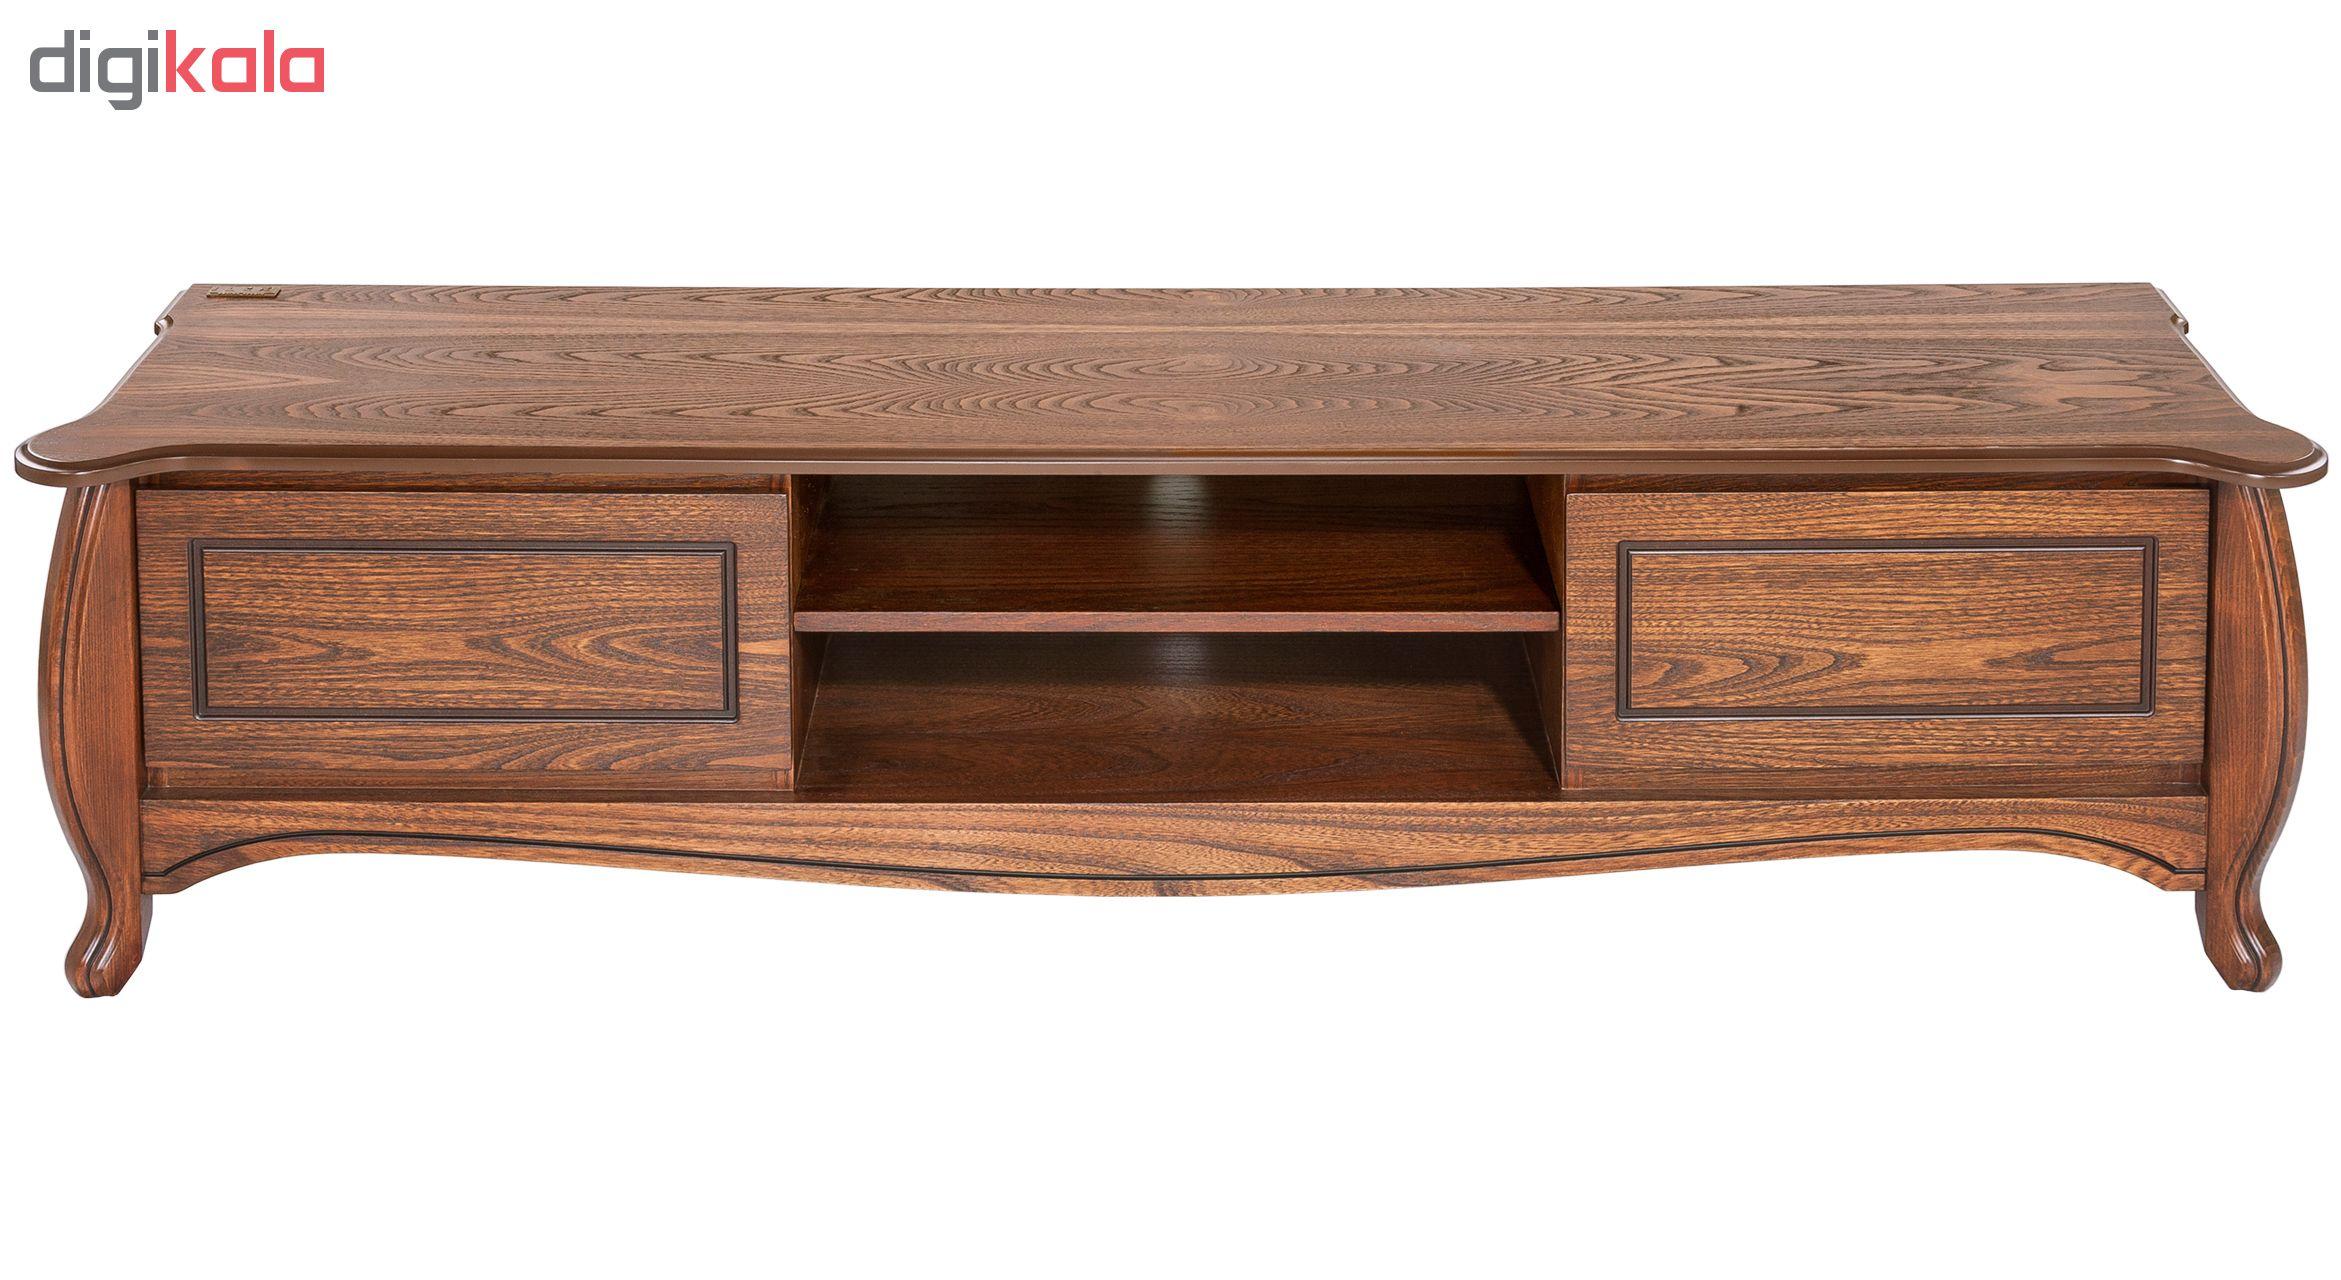 خرید اینترنتی میز تلویزیون آیلکس مدل R20-WALNUT-200 اورجینال